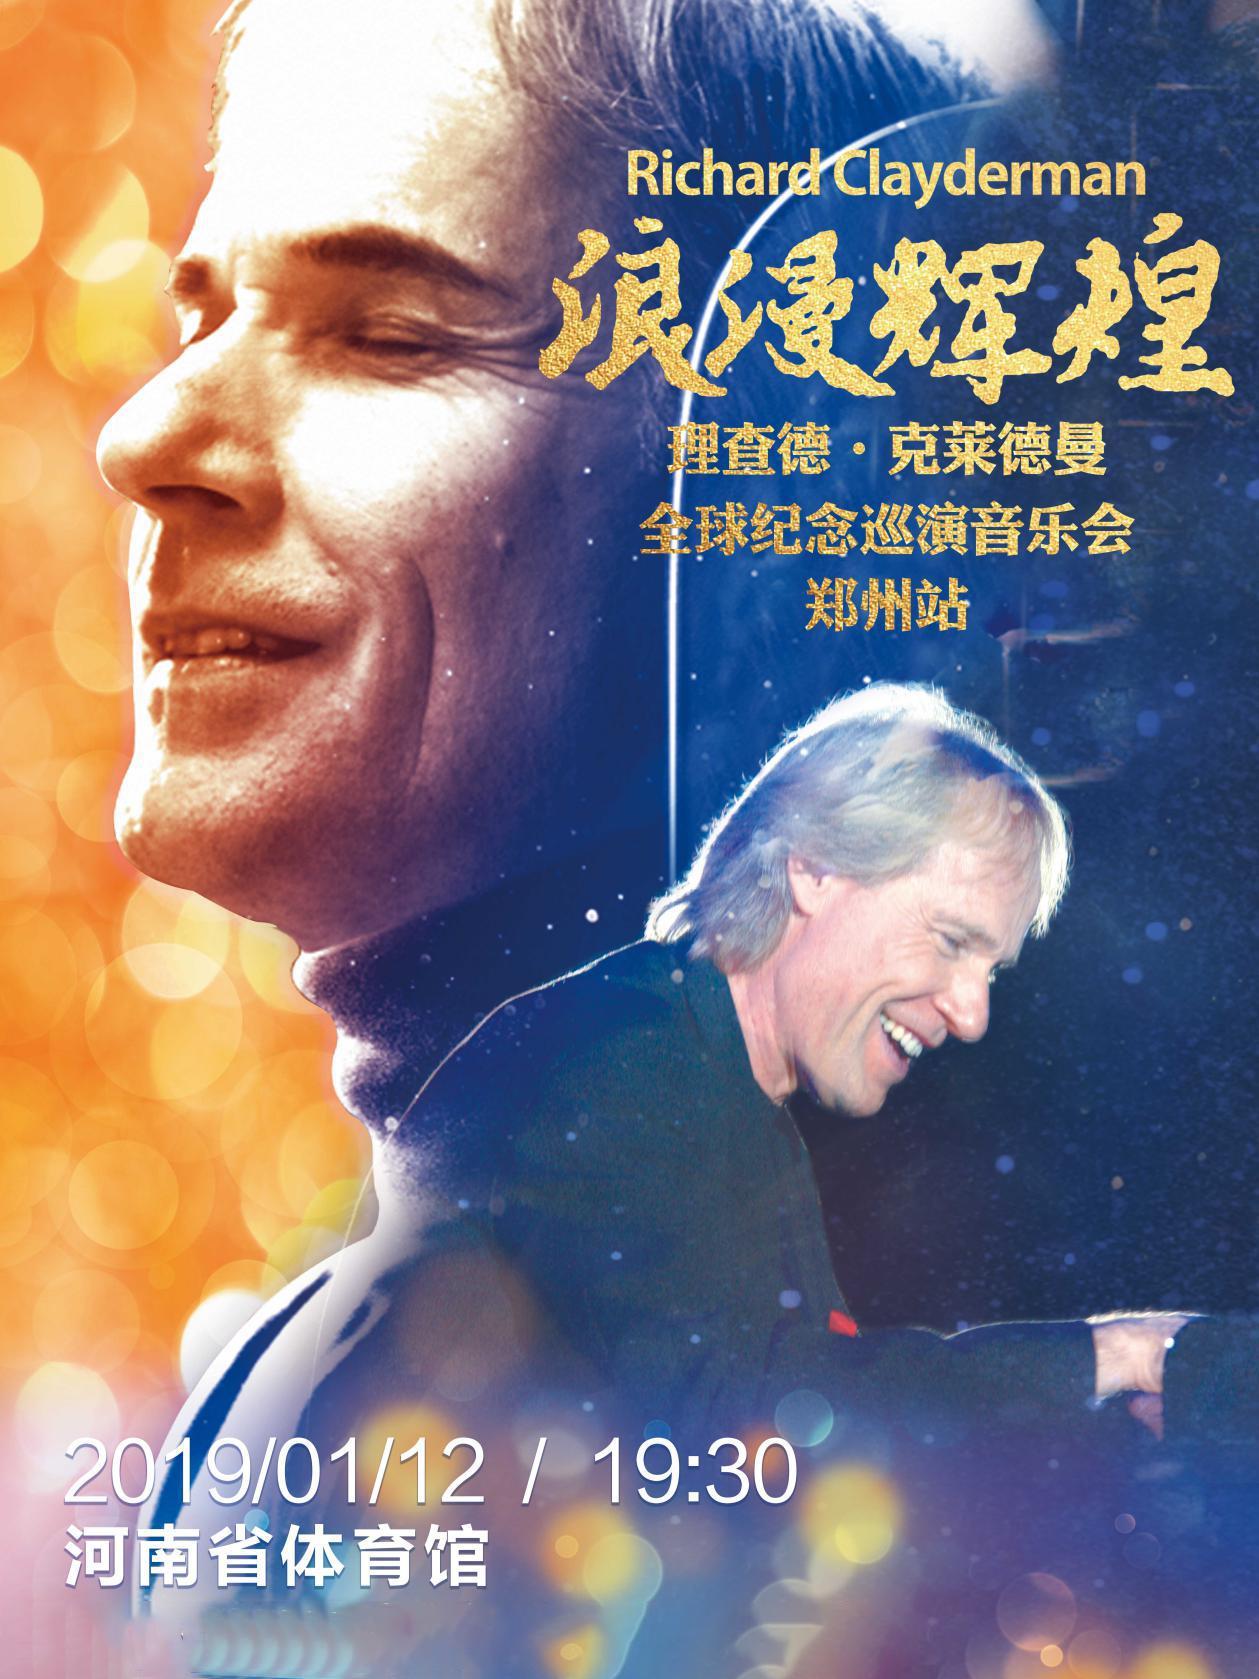 理查德•克莱德曼钢琴音乐会郑州站